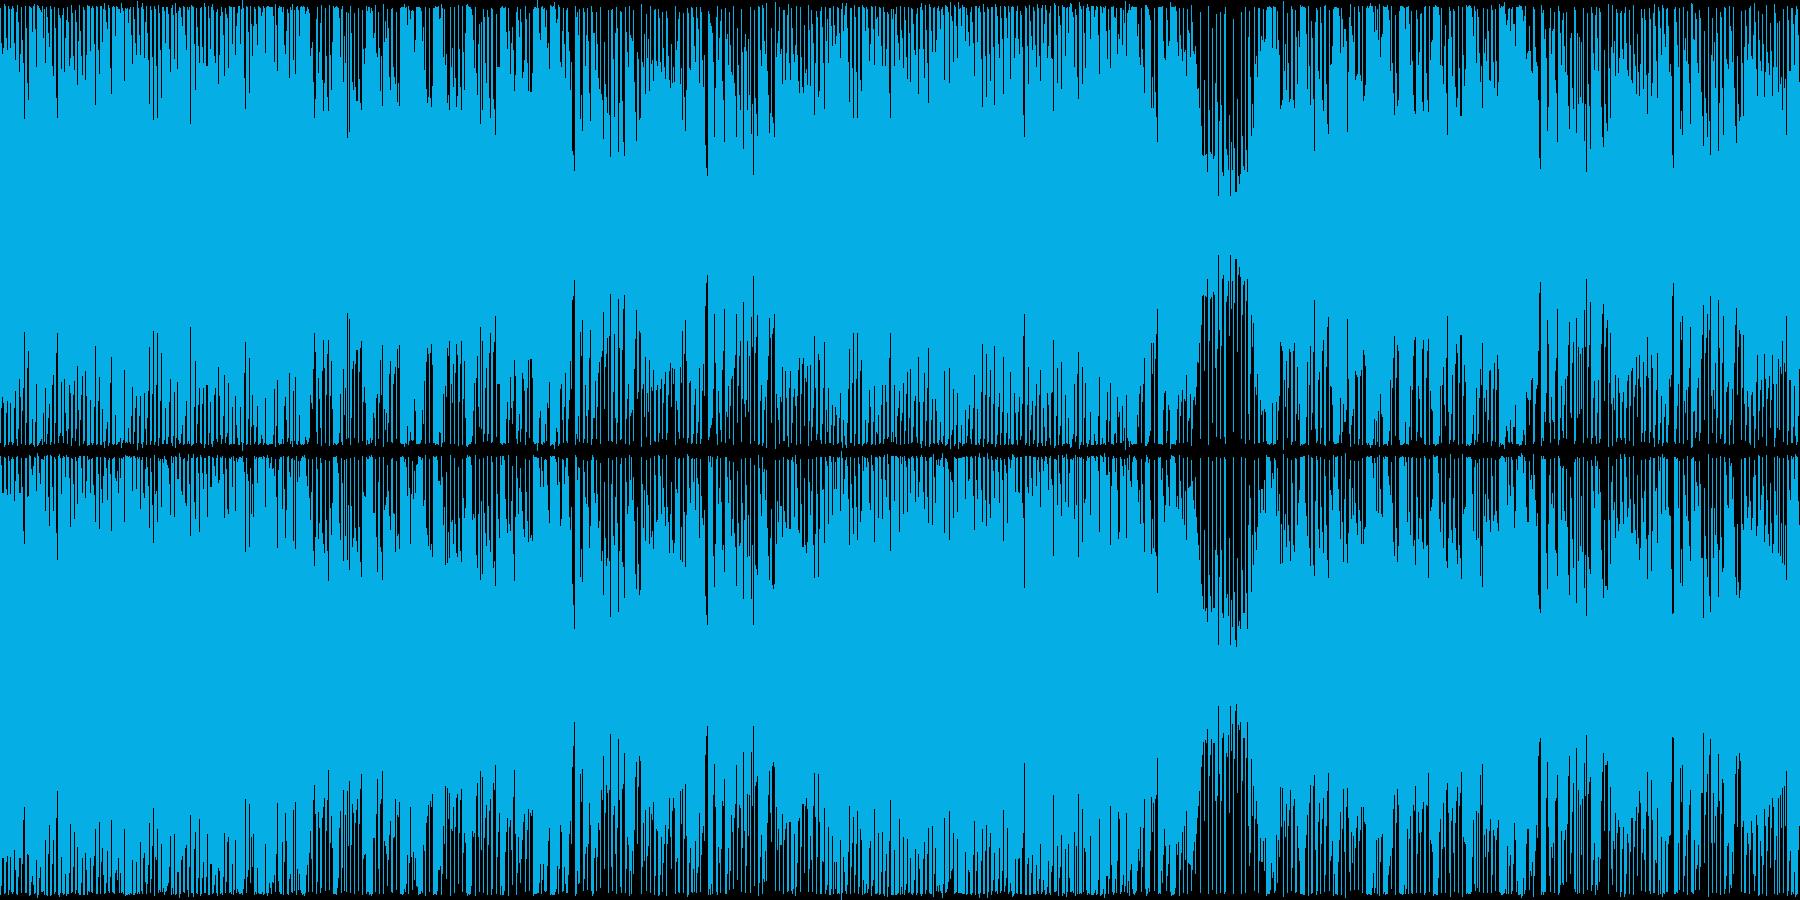 ハロウィン・ホラー風楽曲の再生済みの波形